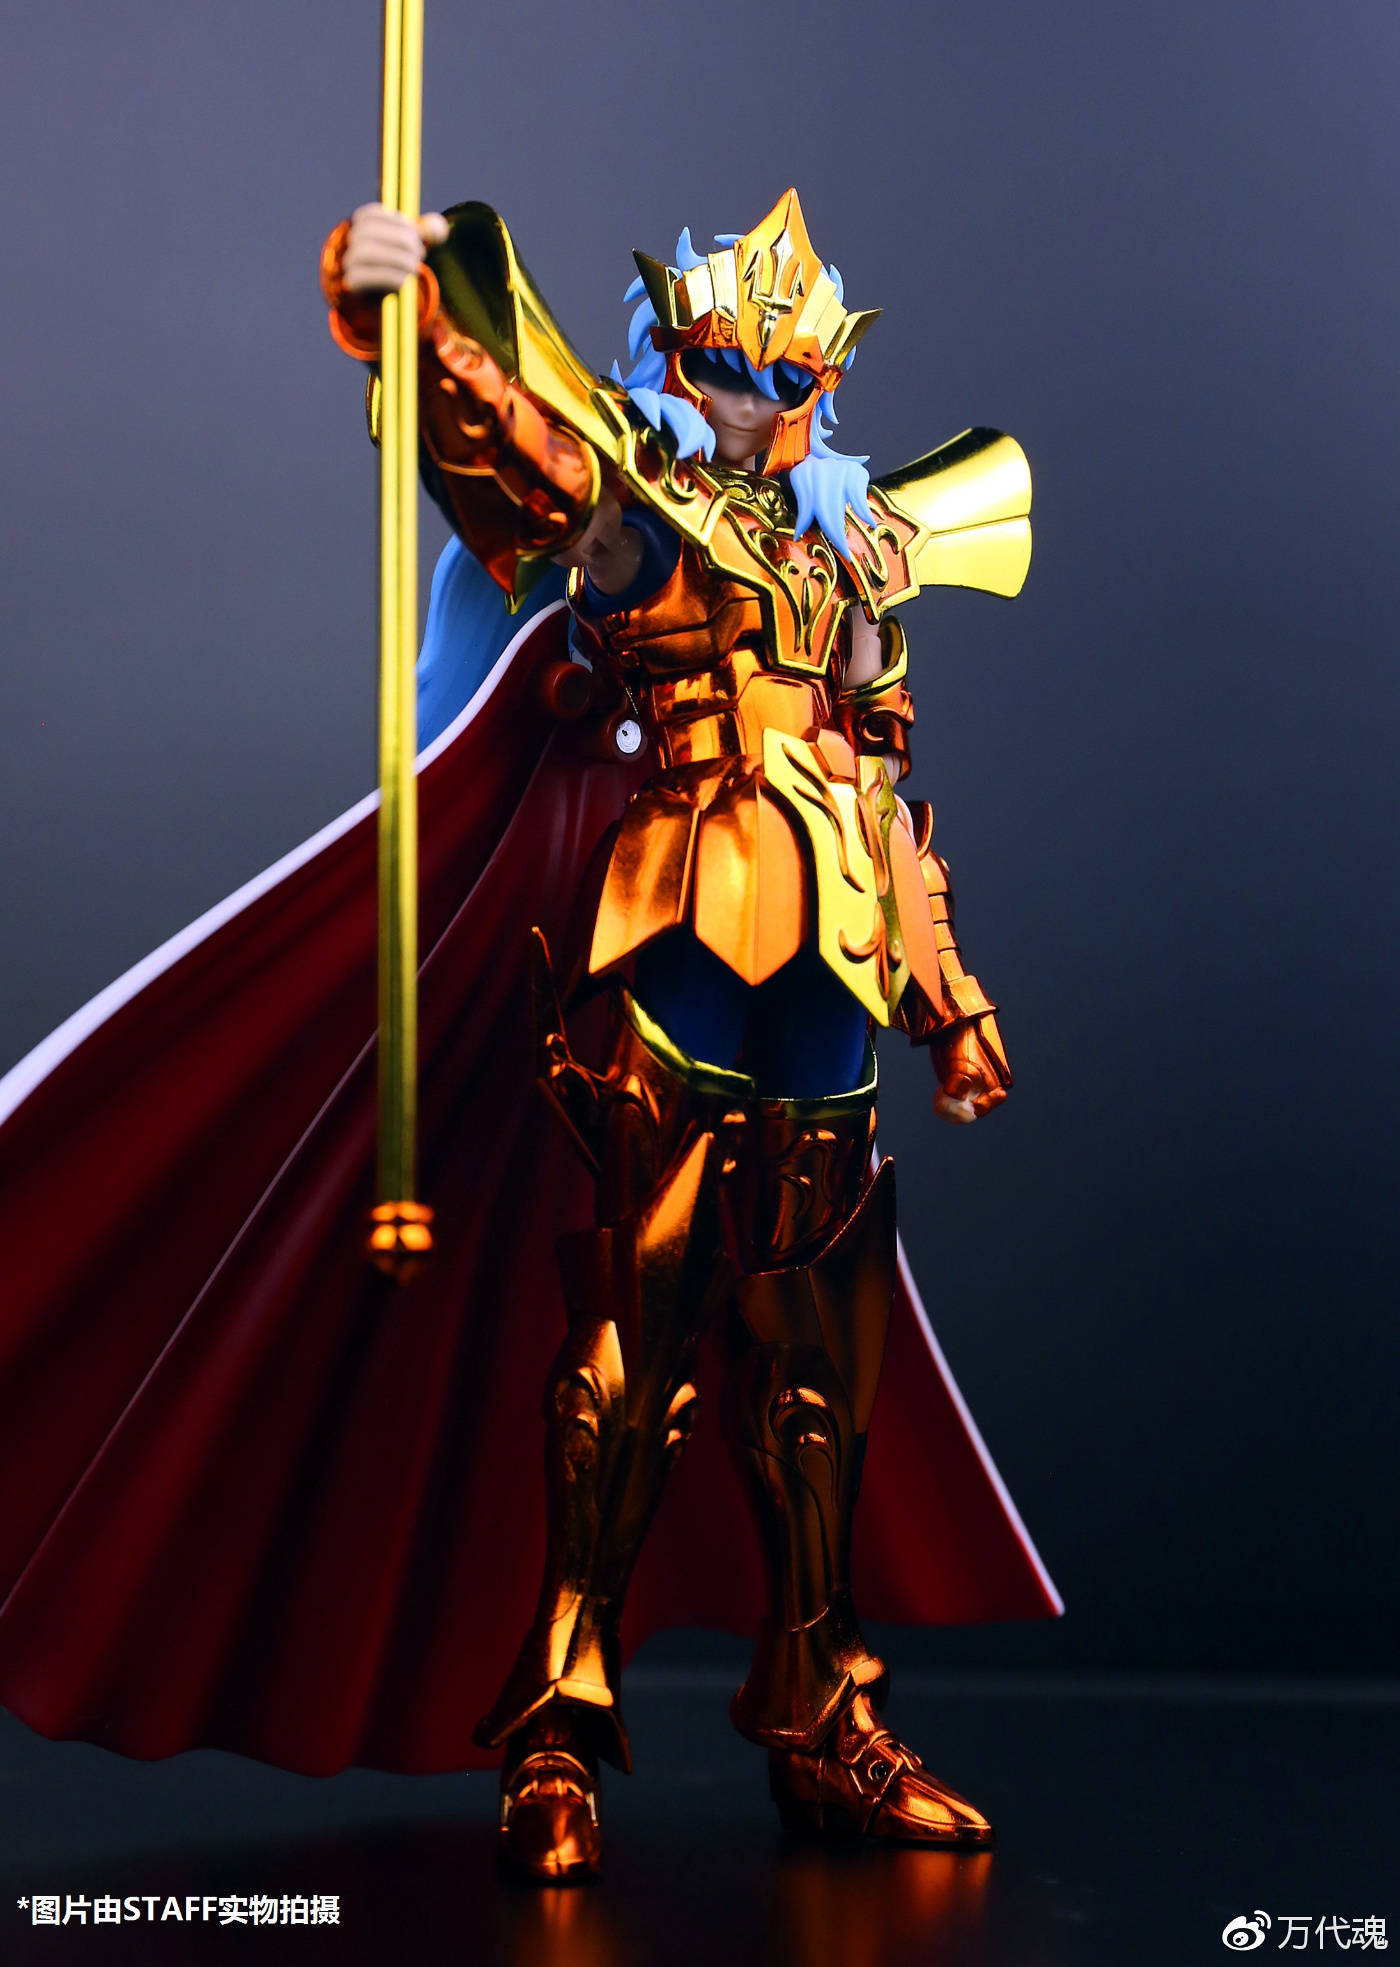 [Comentários] Saint Cloth Myth EX - Poseidon EX & Poseidon EX Imperial Throne Set - Página 2 7AfNYfVV_o